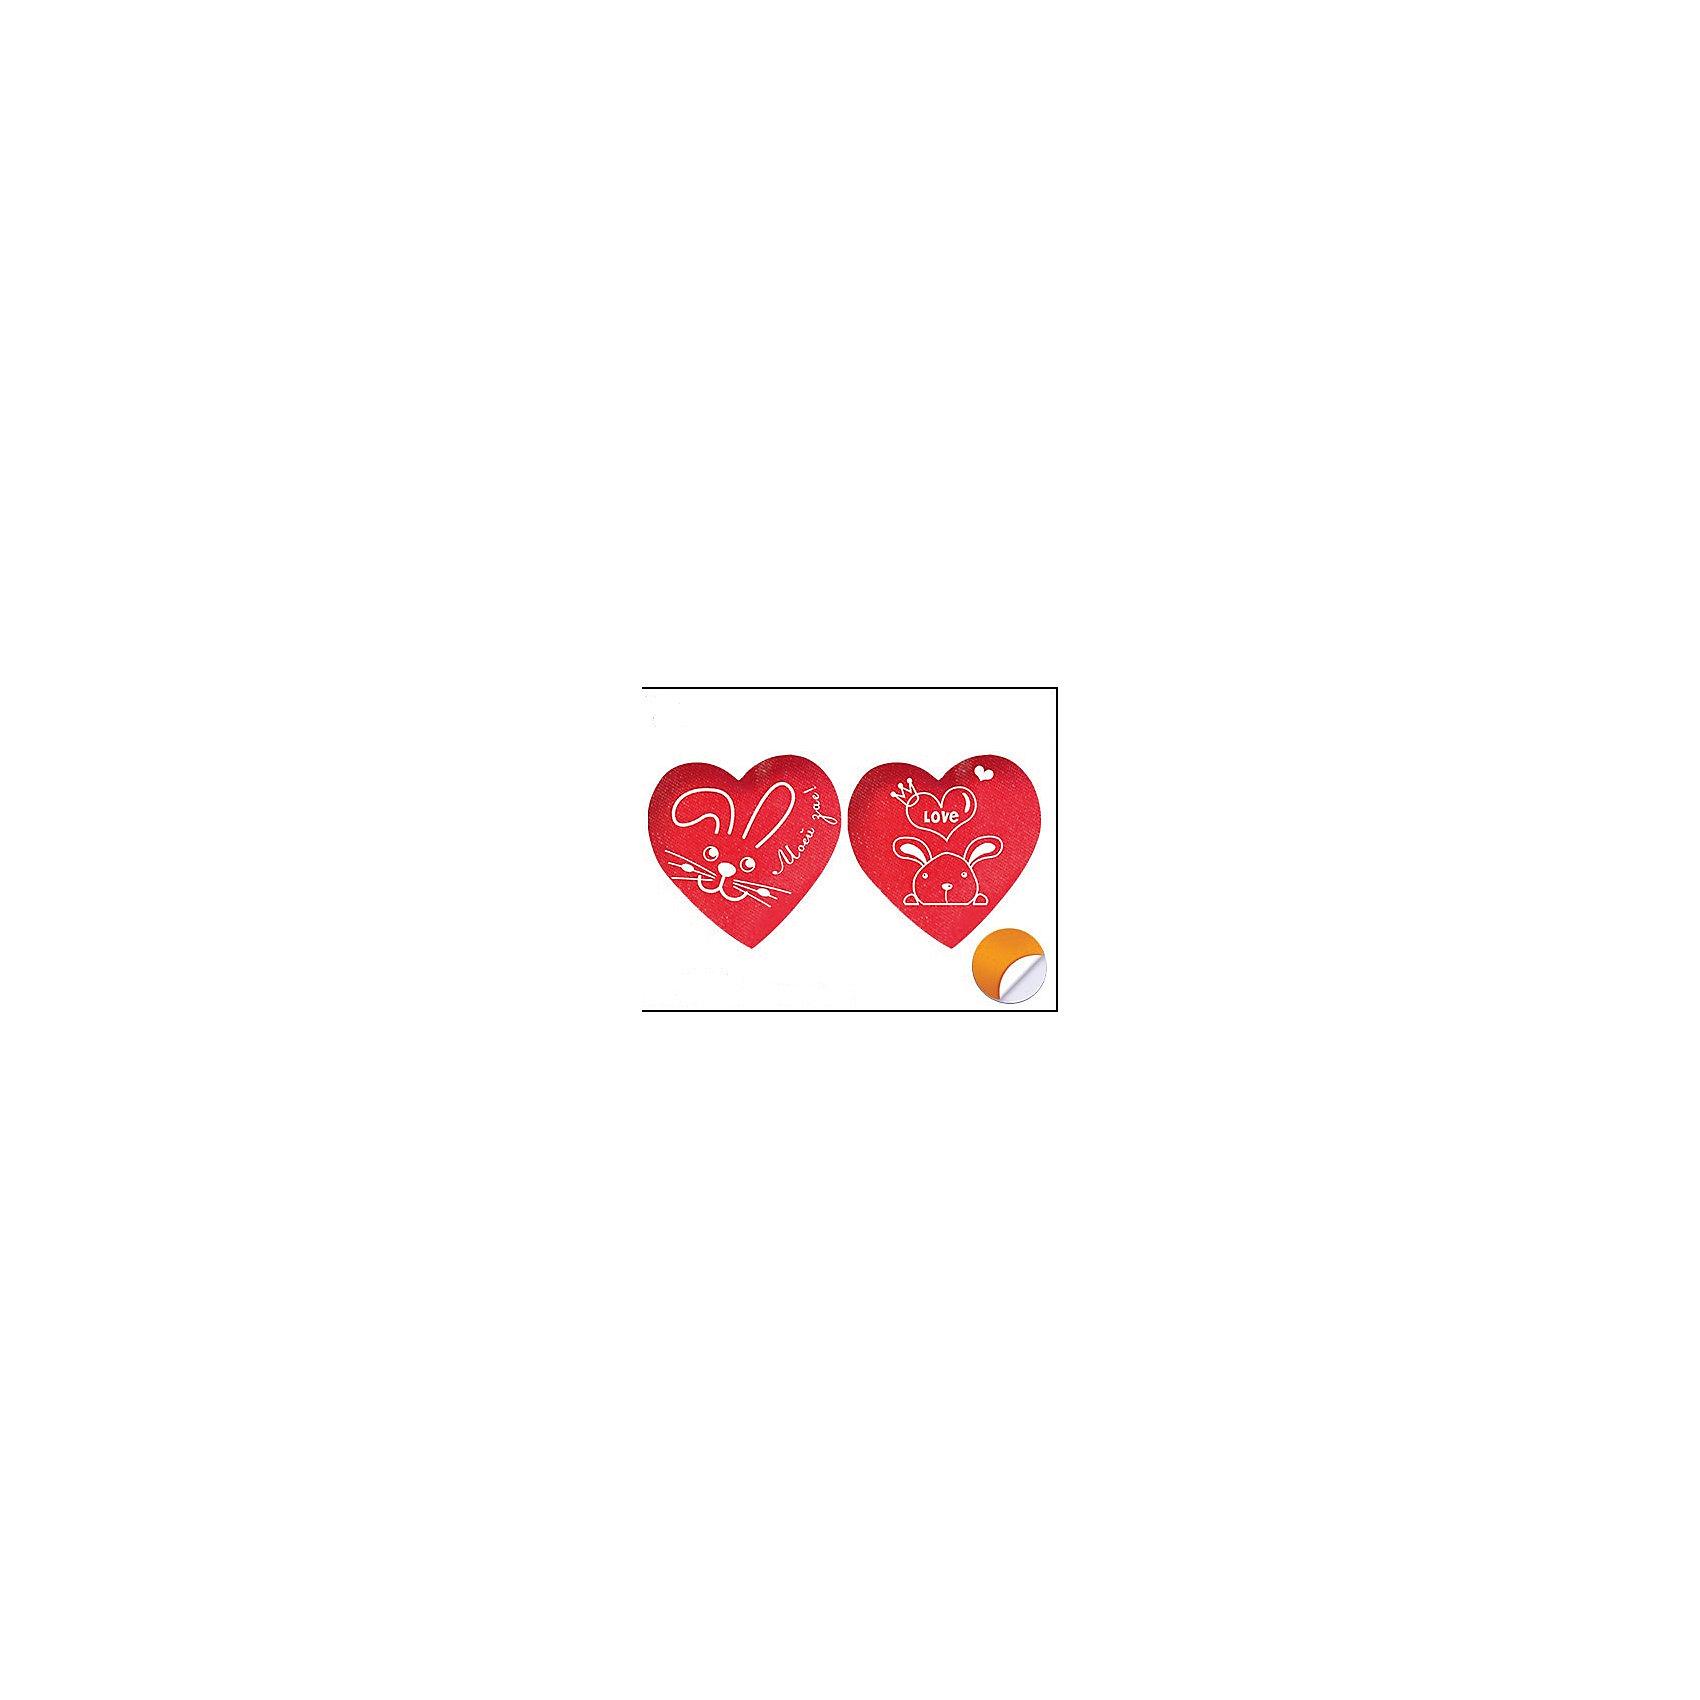 Сувенир Сердце с зайкой, в ассортиментеСувенир Сердце с зайкой станет приятным и романтичным подарком на день всех влюбленных или еще одним поводом порадовать близкого человека. Игрушка выполнена в виде красного сердечка с забавным изображением зайчика, сзади имеется липучка. Дизайн в ассортименте.<br><br>Дополнительная информация:<br><br>- Материал: текстиль.<br>- Размер сувенира: 10 х 9 х 0,5 см.<br><br>Сувенир Сердце с зайкой, в ассортименте, Премьер-игрушка, можно купить в нашем интернет-магазине.<br><br>ВНИМАНИЕ! Данный артикул имеется в наличии в разных вариантах исполнения. Заранее выбрать определенный вариант нельзя. При заказе нескольких сердечек возможно получение одинаковых.<br><br>Ширина мм: 10<br>Глубина мм: 5<br>Высота мм: 90<br>Вес г: 5<br>Возраст от месяцев: 36<br>Возраст до месяцев: 2147483647<br>Пол: Унисекс<br>Возраст: Детский<br>SKU: 4512285